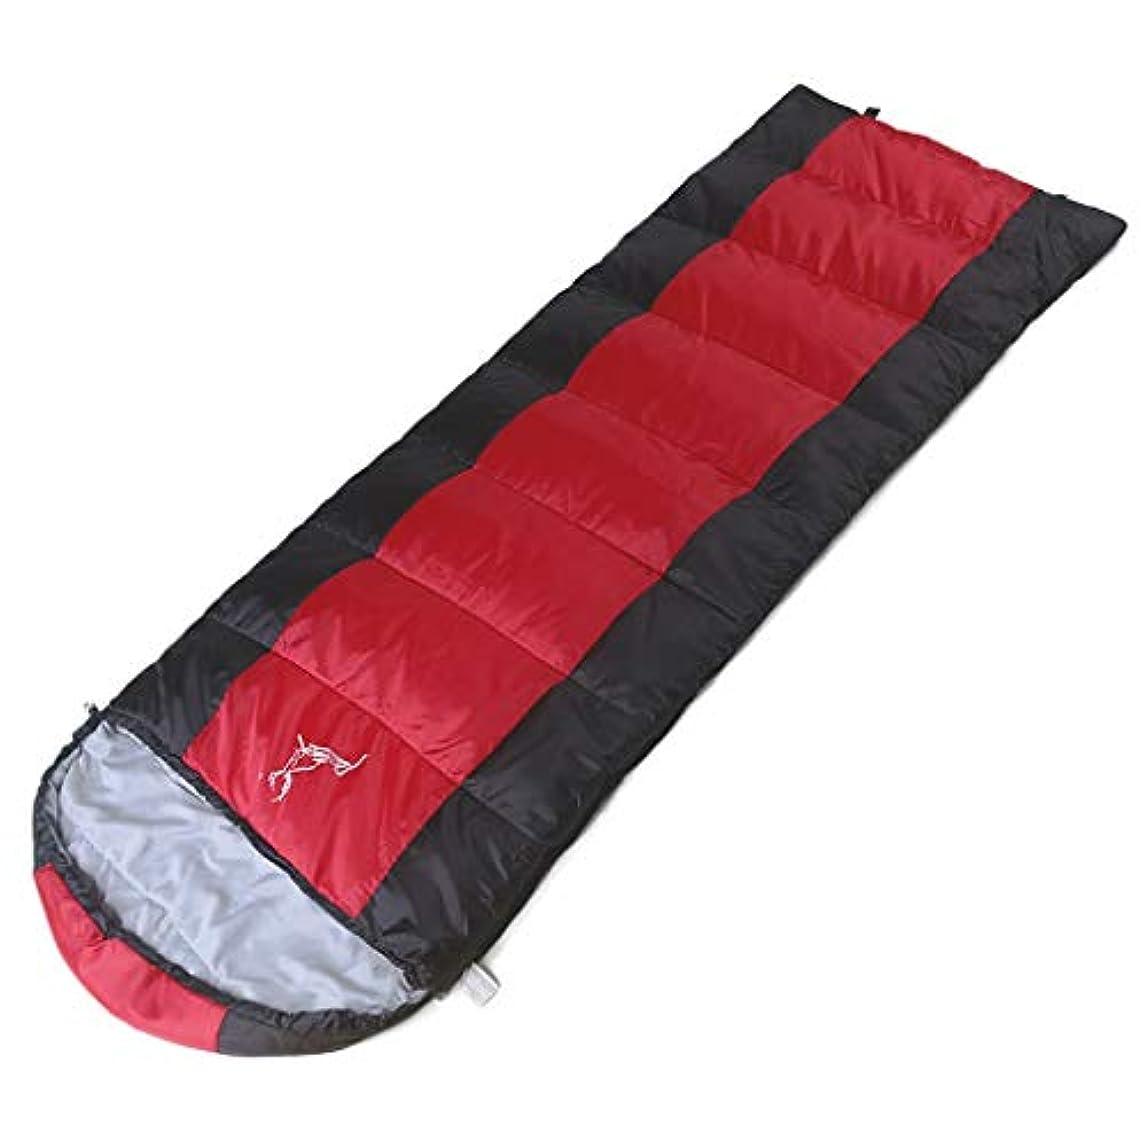 社会注入飲食店CATRP 携帯用寝袋の大人の屋外のキャンプの綿旅行、4季節 (色 : 赤)